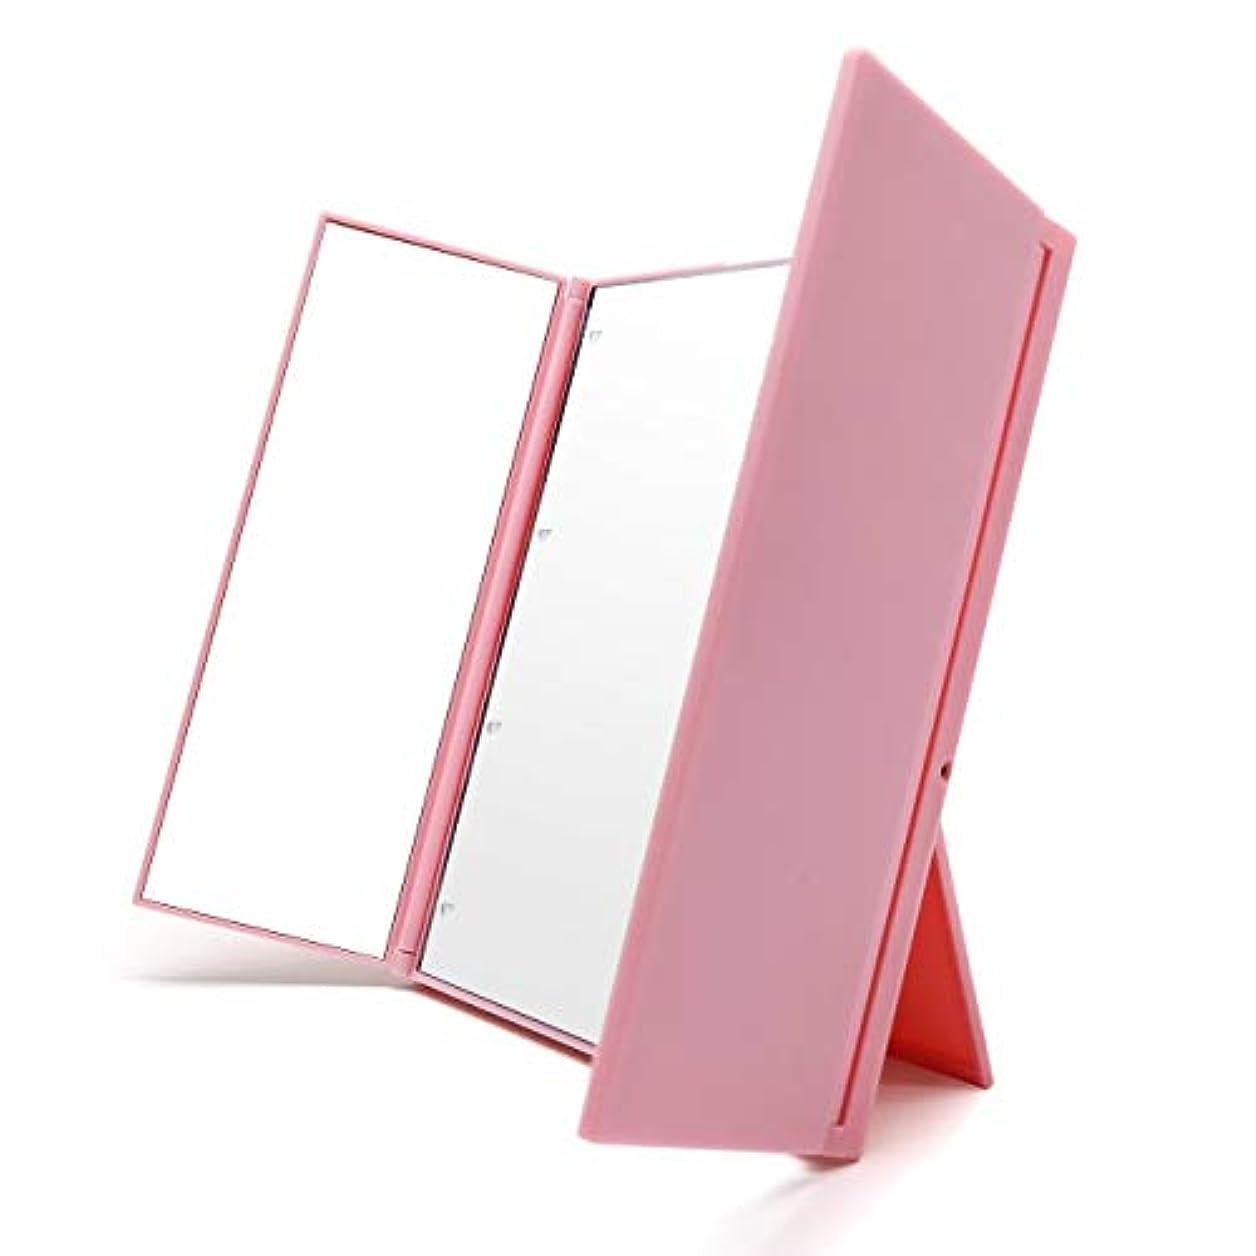 ディスカウントミルク溢れんばかりのVidgoo 鏡 卓上 スタンドミラー LED 化粧鏡 三面鏡 女優ミラー 折り畳み式 電池型 携帯便利(ピンク)